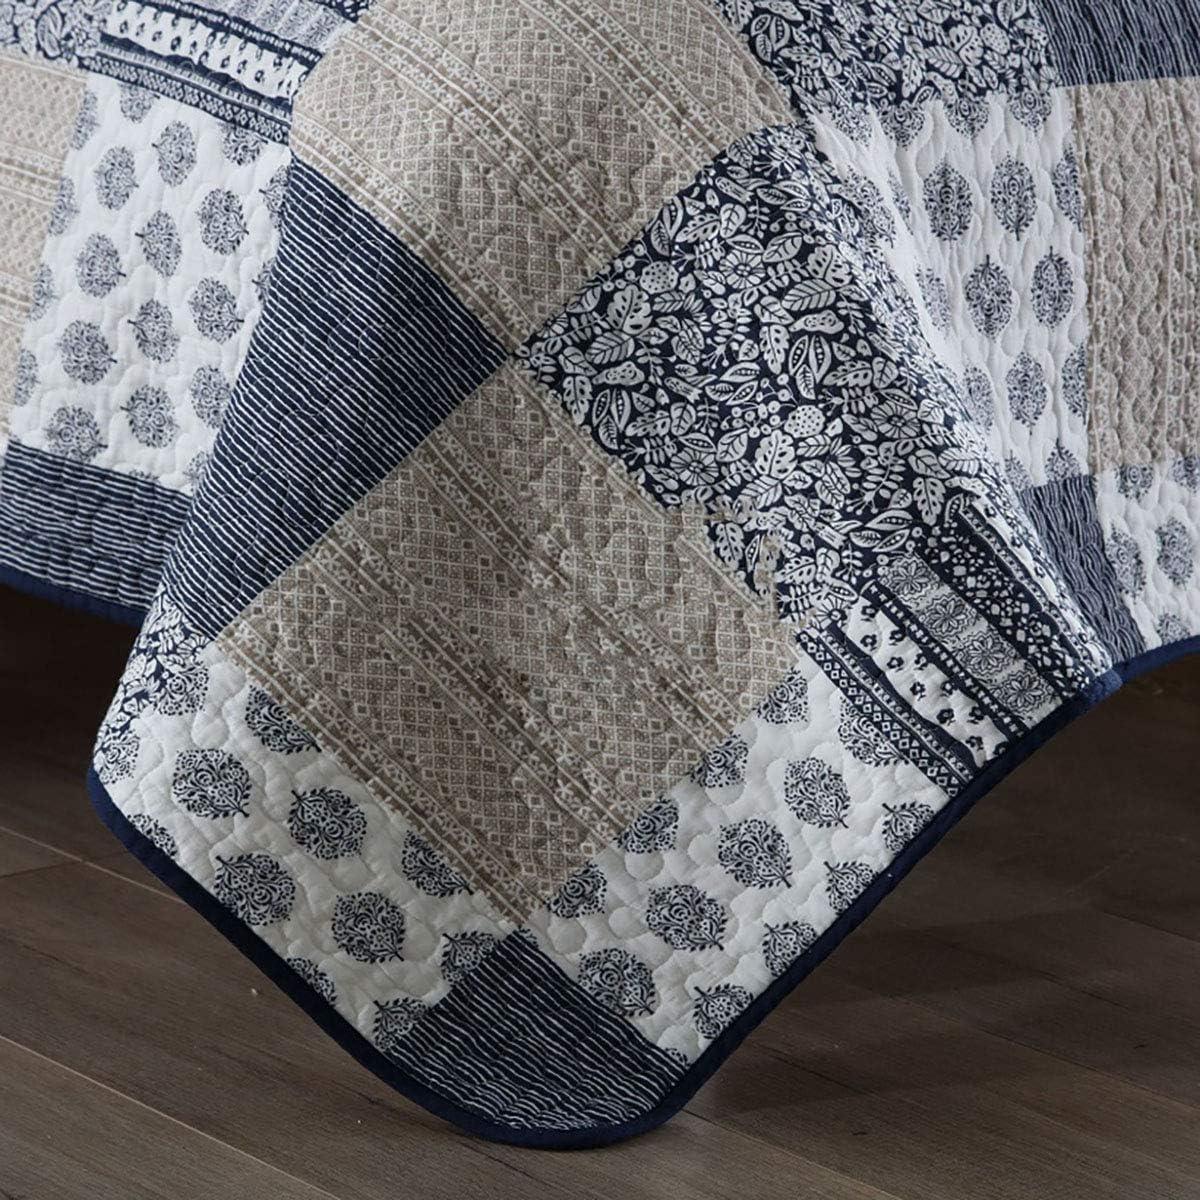 O&H 150X200Cm Couvre-Lit Géométrique Patchwork Matelassé Plaid Canapé-Lit Couverture Été Couette Couette Couverture All Season Home Carpet (Pas De Taies d'oreiller) F